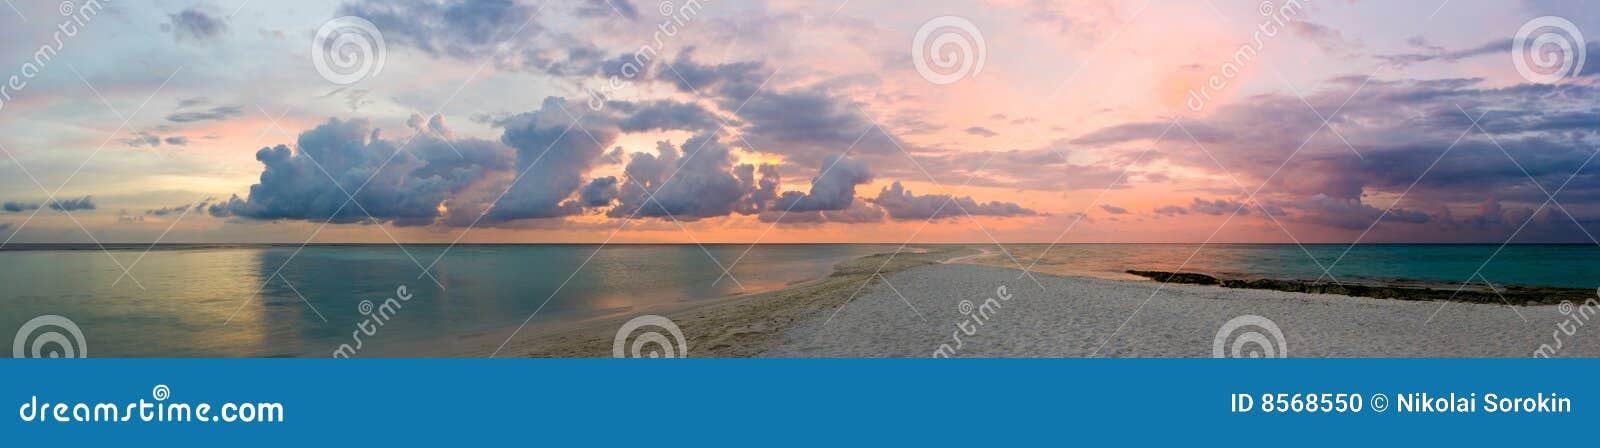 Océano, playa y puesta del sol